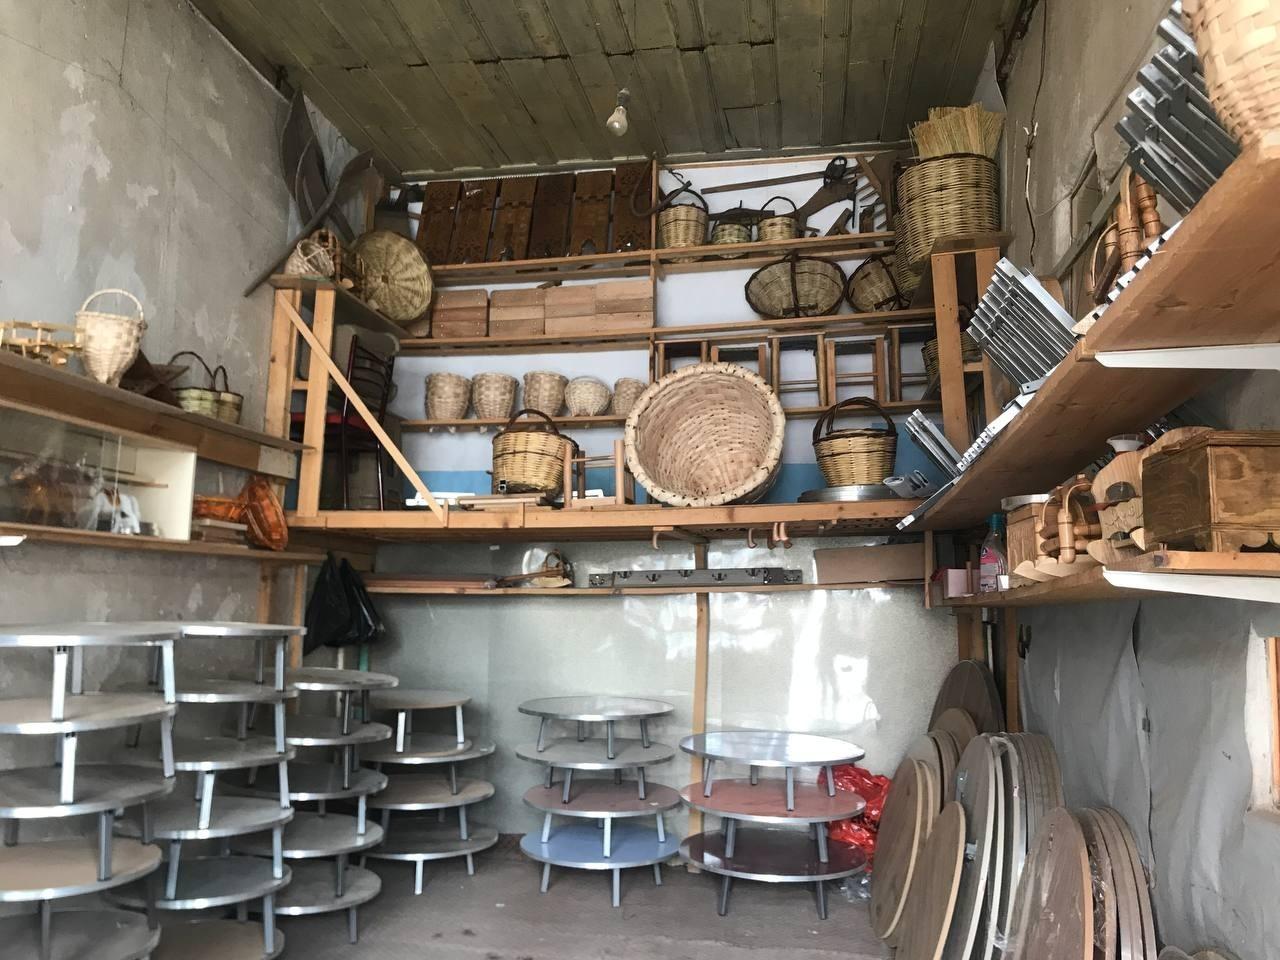 (Özel) Bayburt'ta yarım asırlık dükkânda ahşap ürünler zanaatkarın elinde hayat buluyor #bayburt